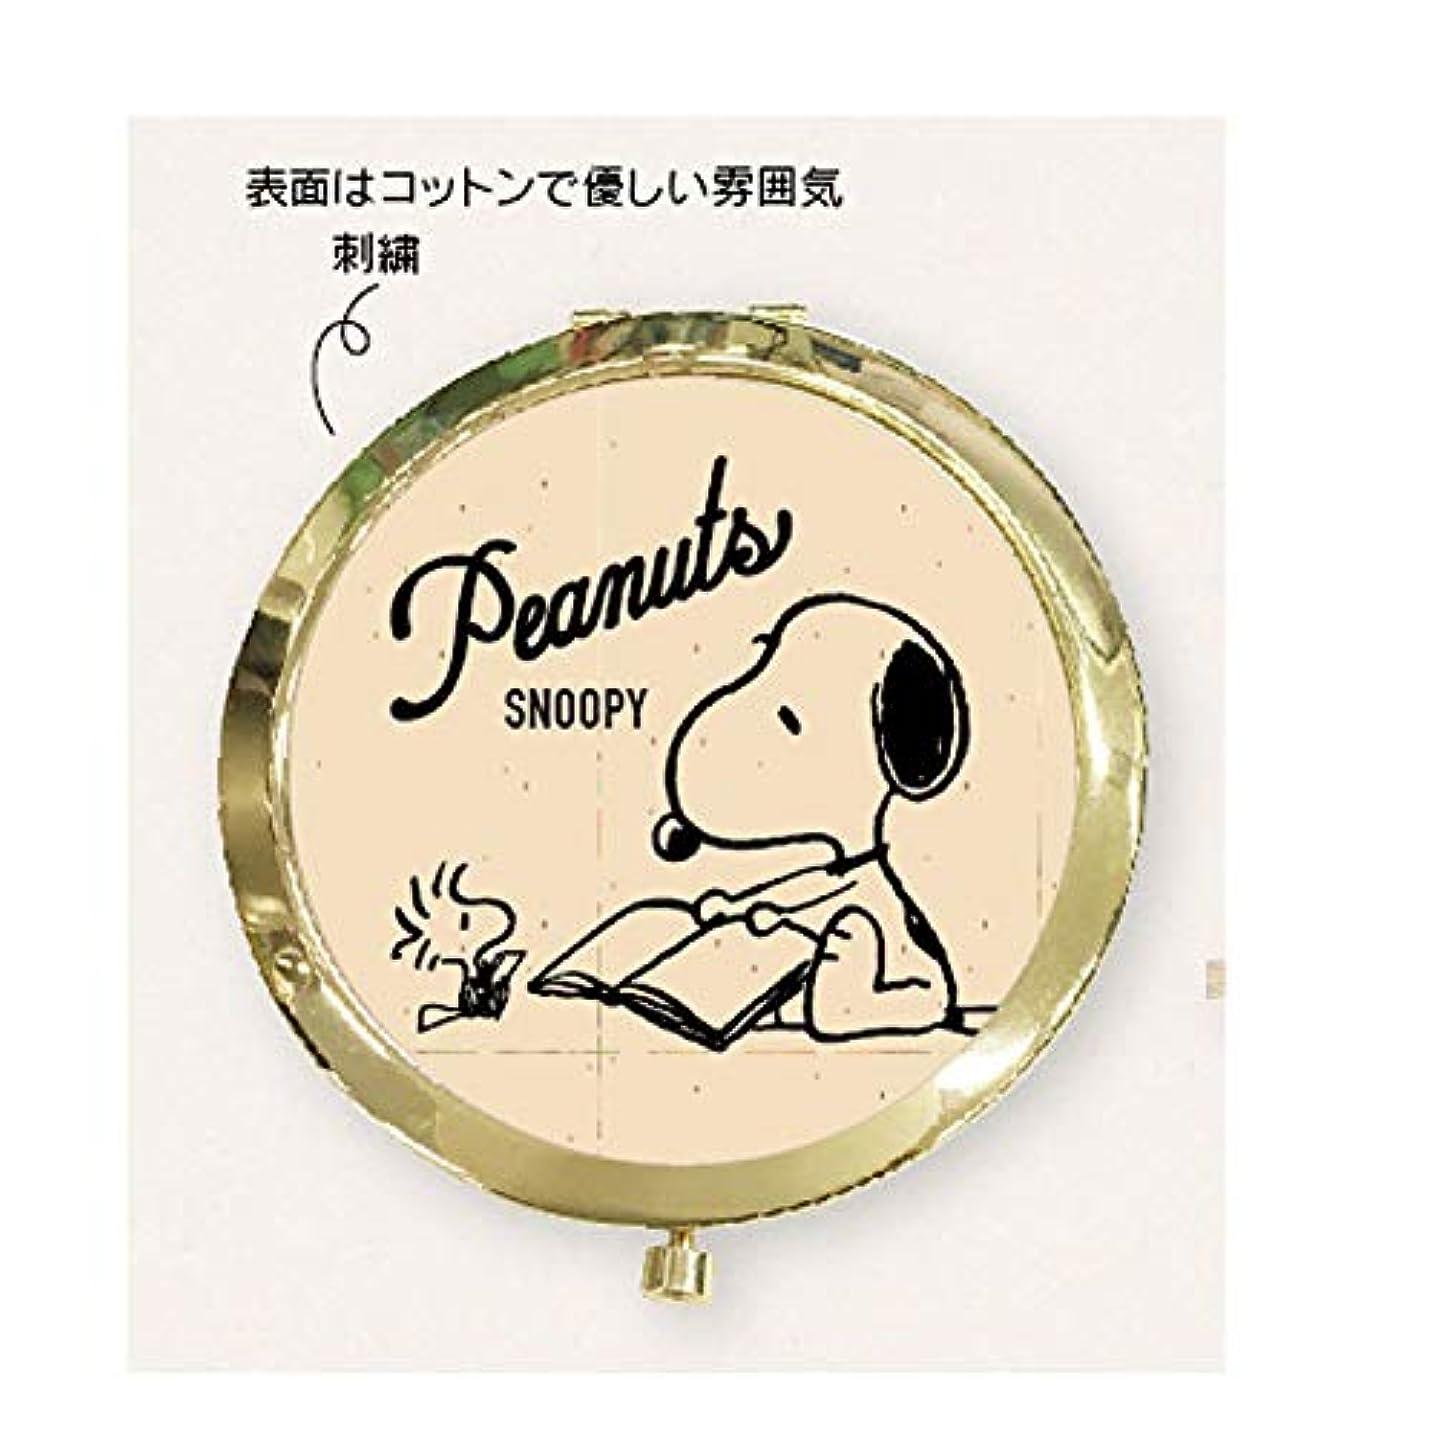 どれでも想起配分【スヌーピー】コンパクトミラー(BOOK) BOOK STORE 049046